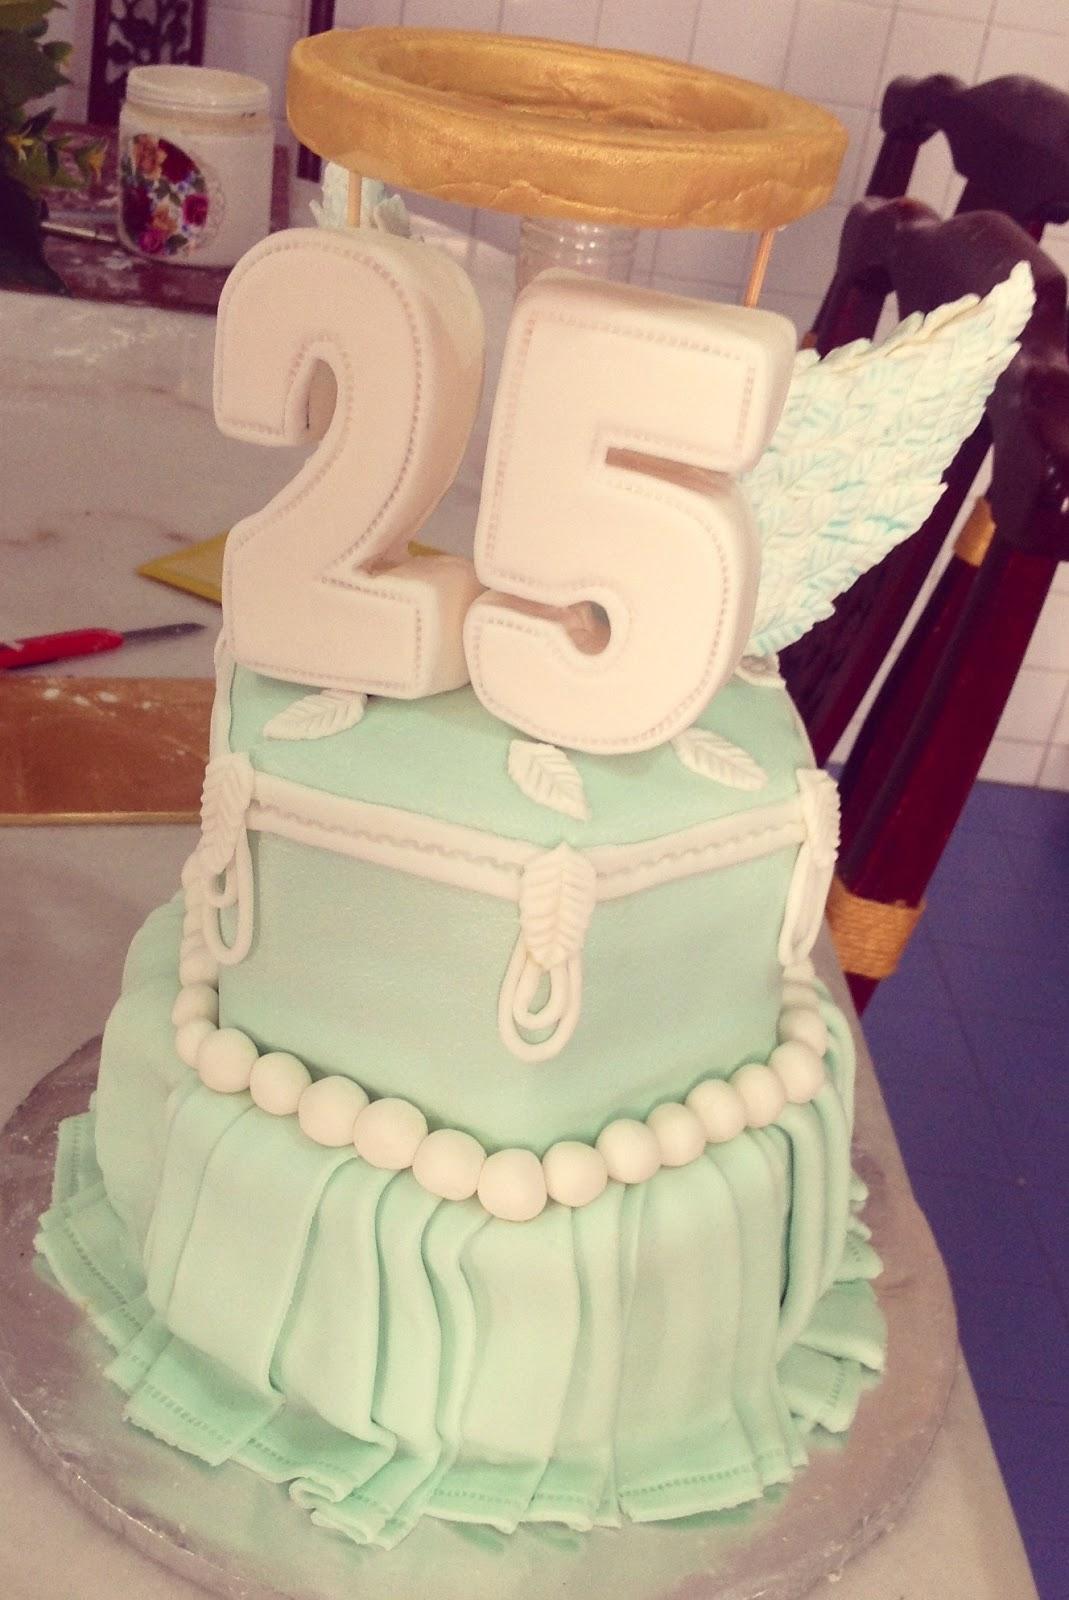 kouture cakes angles theme fondant cakes